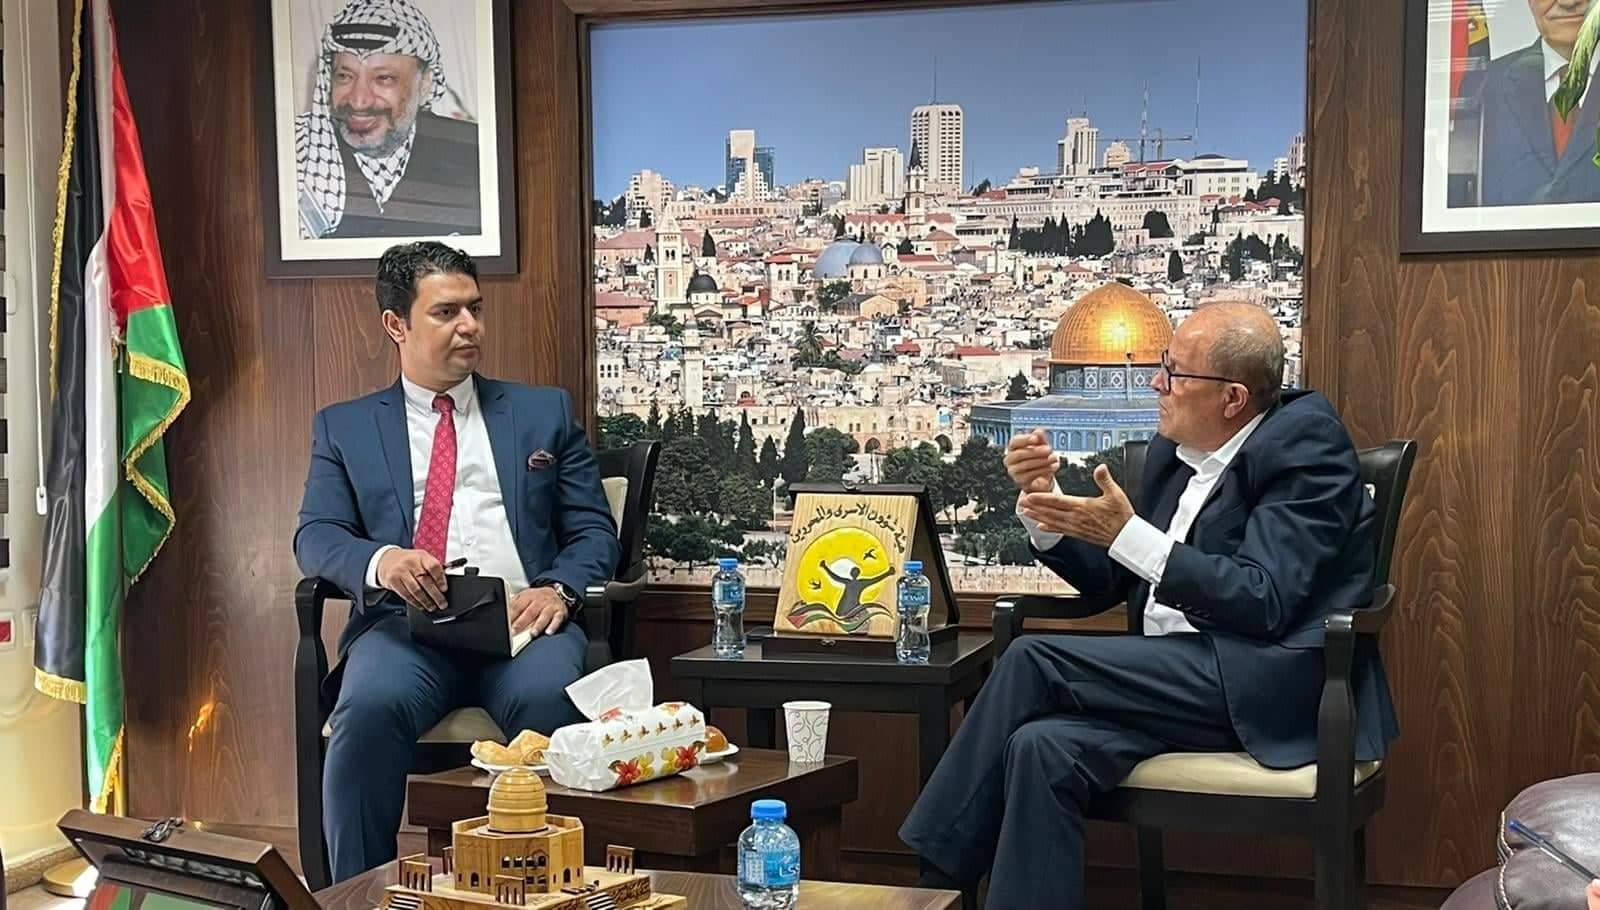 رئيس هيئة شؤون الأسرى الفلسطينى يستقبل القنصل العام لجمهورية مصر العربية